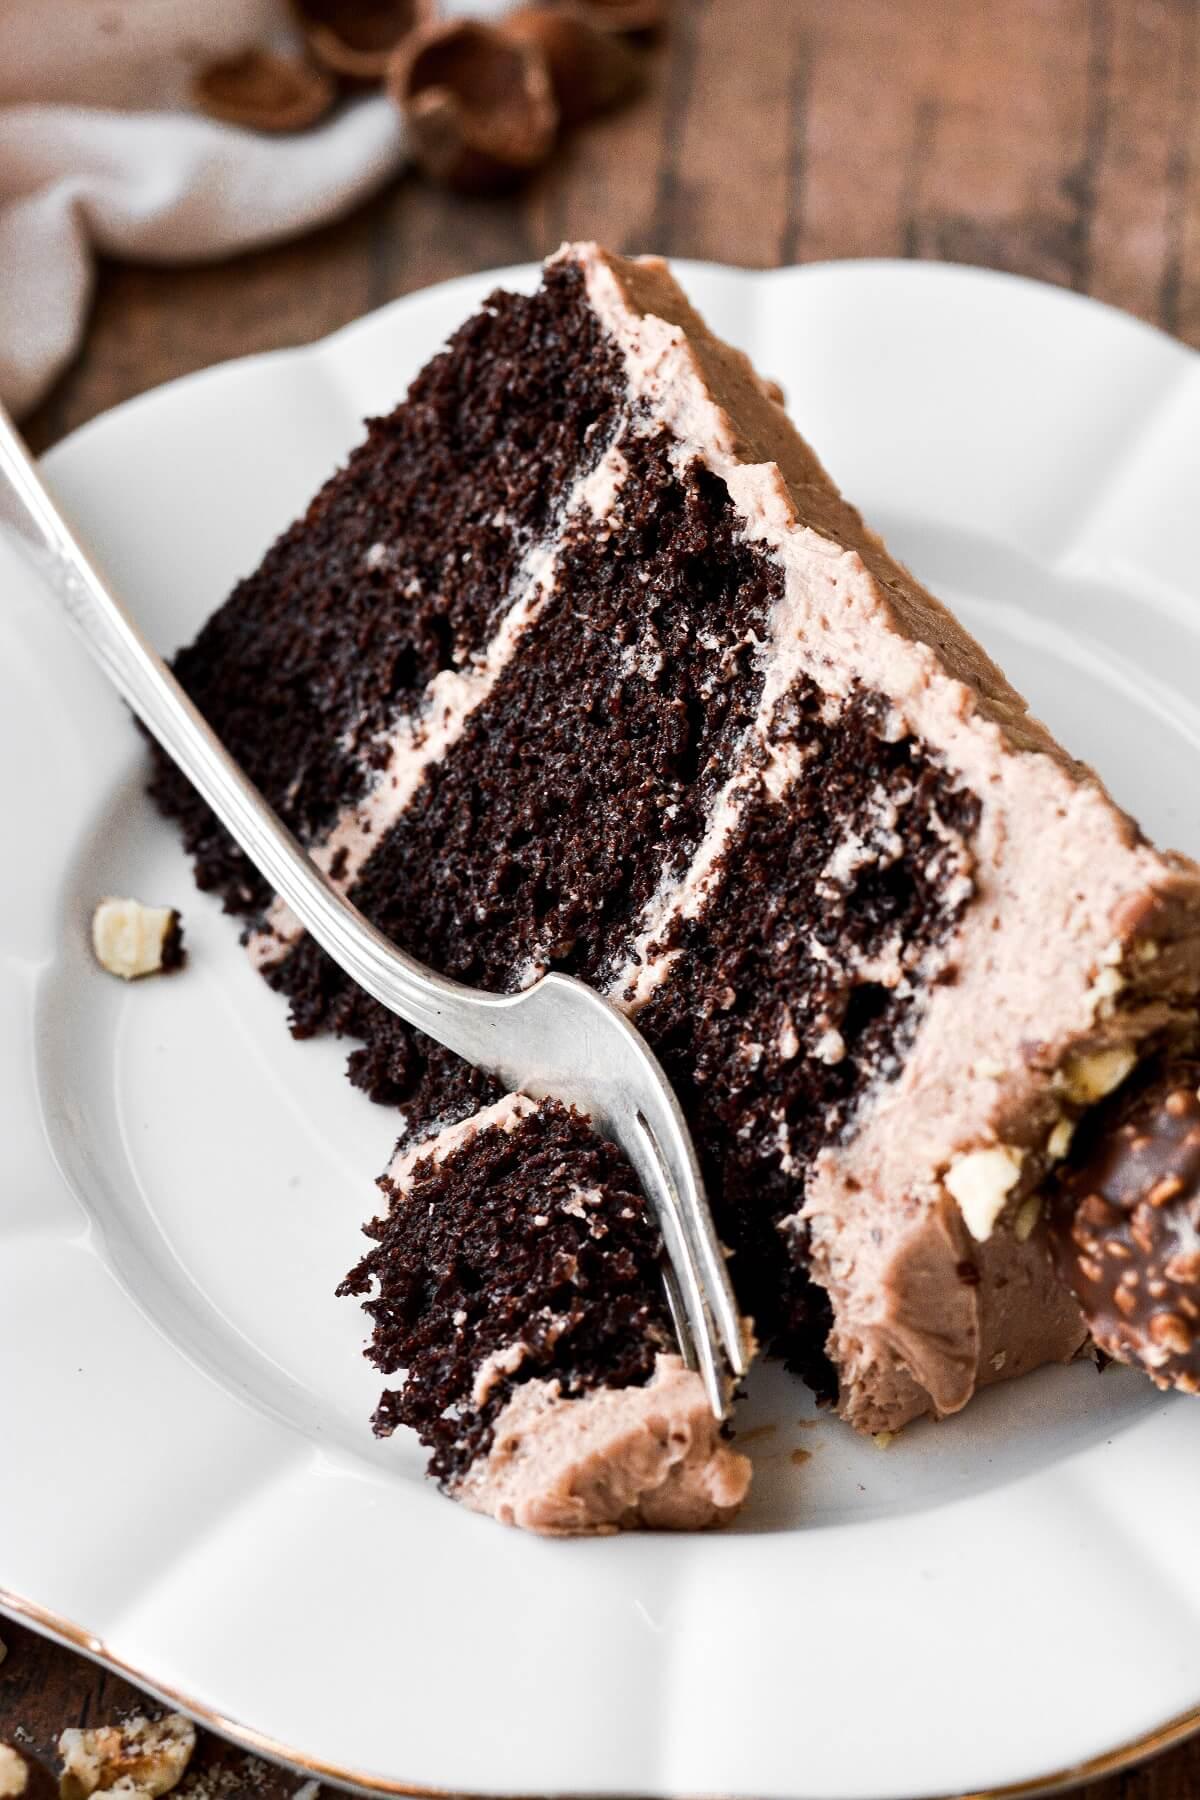 A slice of chocolate hazelnut cake with a bite taken.